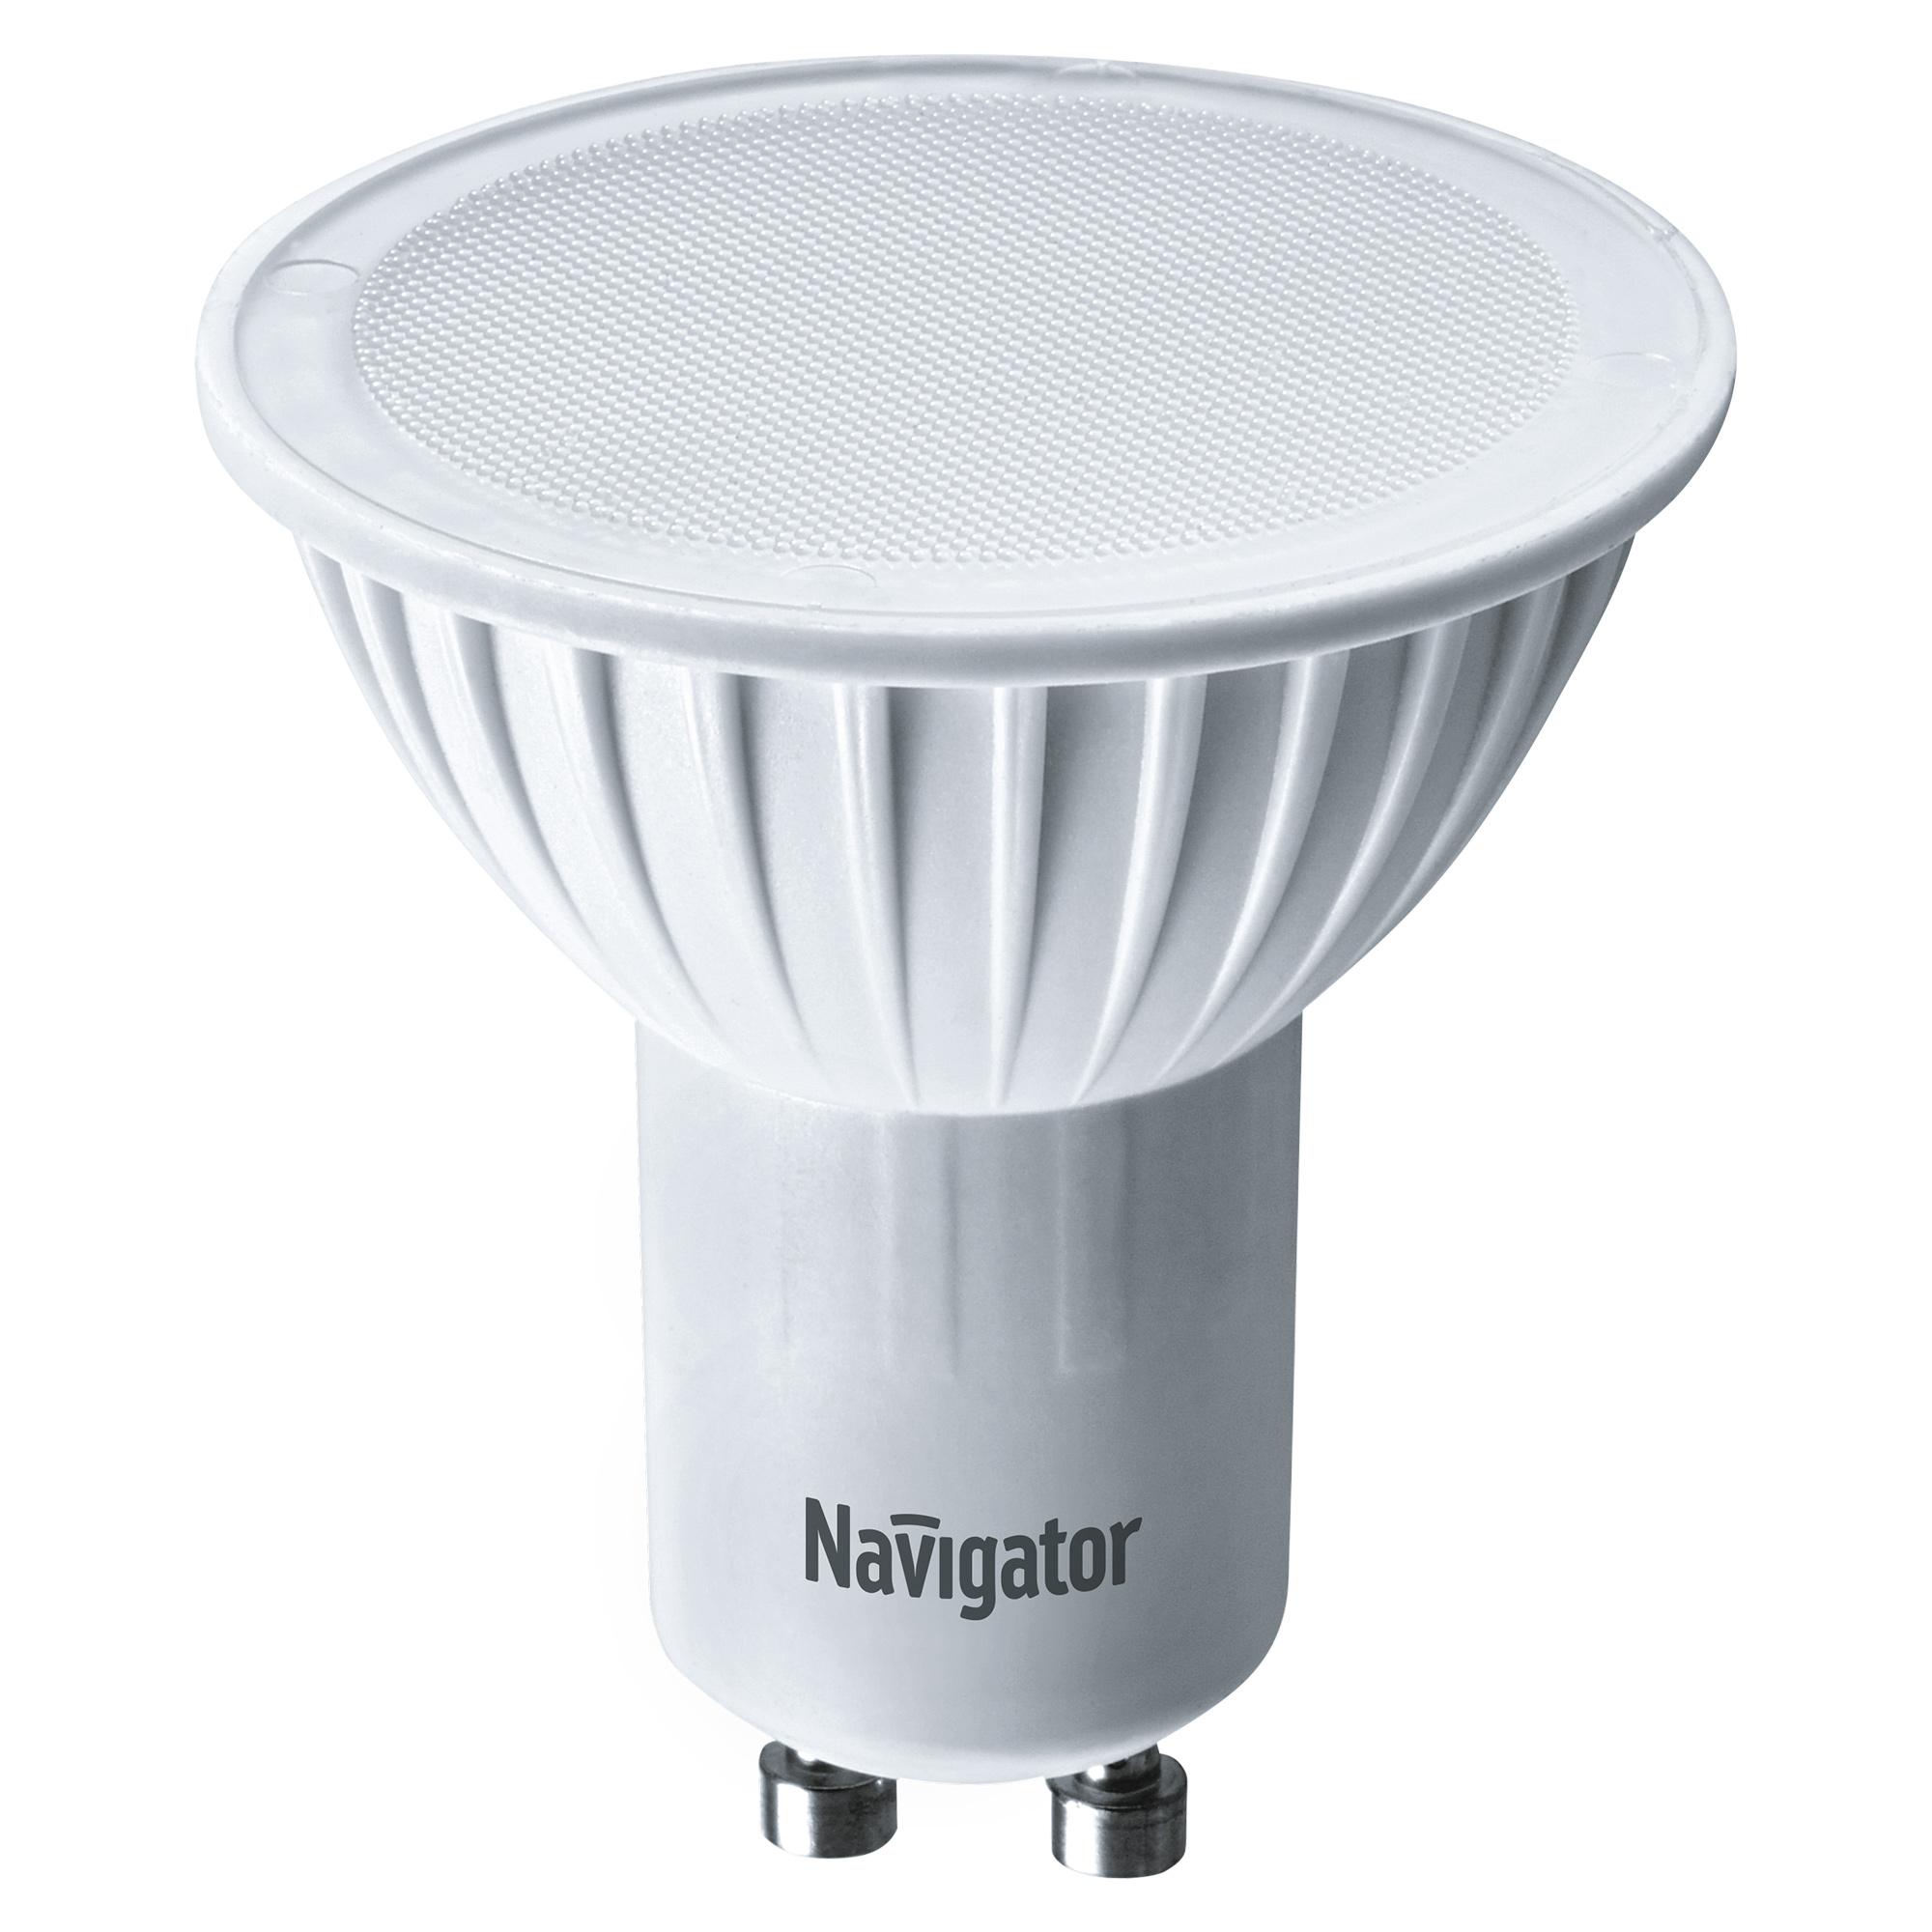 Фото - Лампа светодиодная Navigator PAR16 7Вт цоколь GU10 (холодный свет) лампа люминесцентная navigator t5 6вт цоколь g5 холодный свет